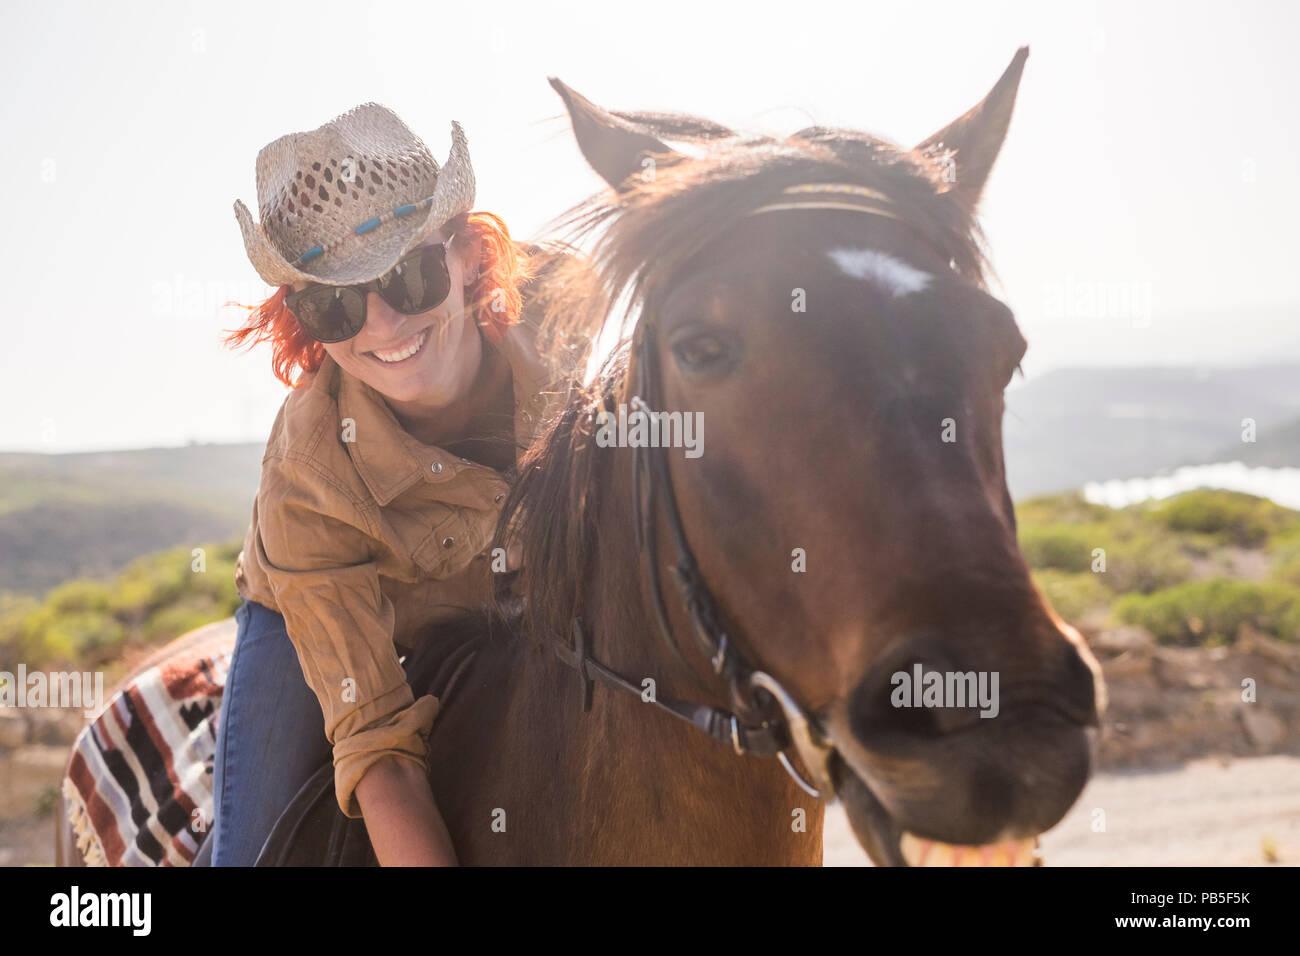 Bella allegro giovane donna godere e cavalcare la sua brown carino cavallo in amicizia e relazione. amante degli animali e Pet Therapy concetto. viaggi e va Immagini Stock